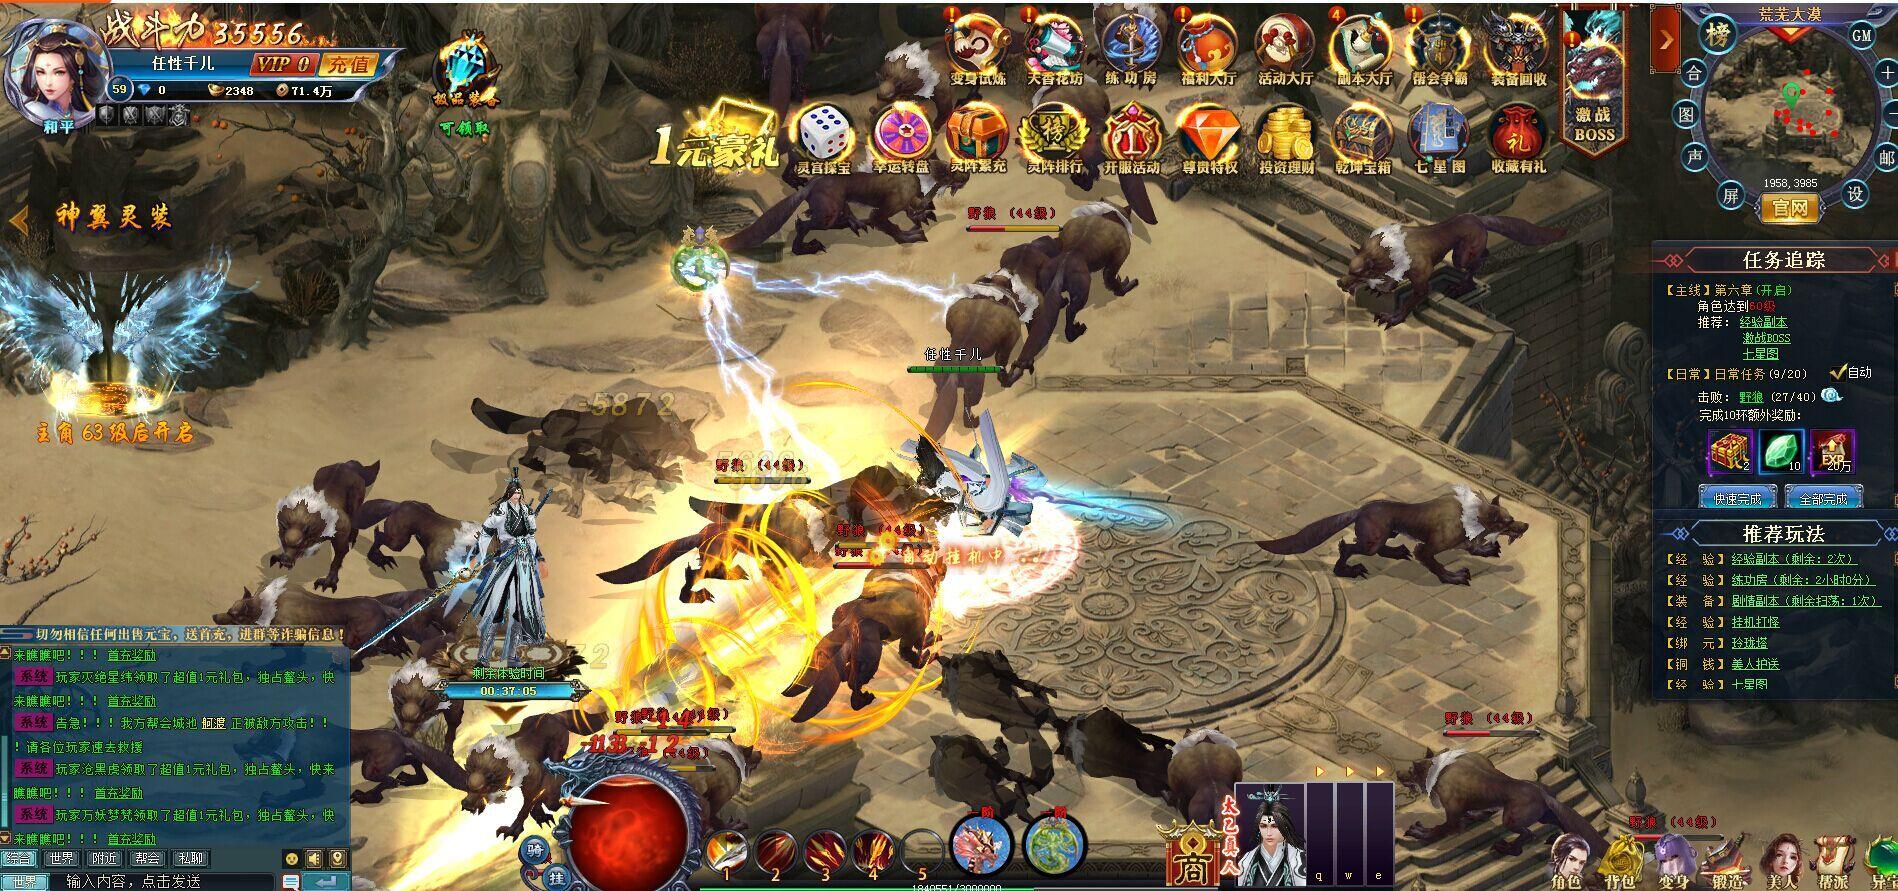 《王国印记之玄黄劫》游戏截图